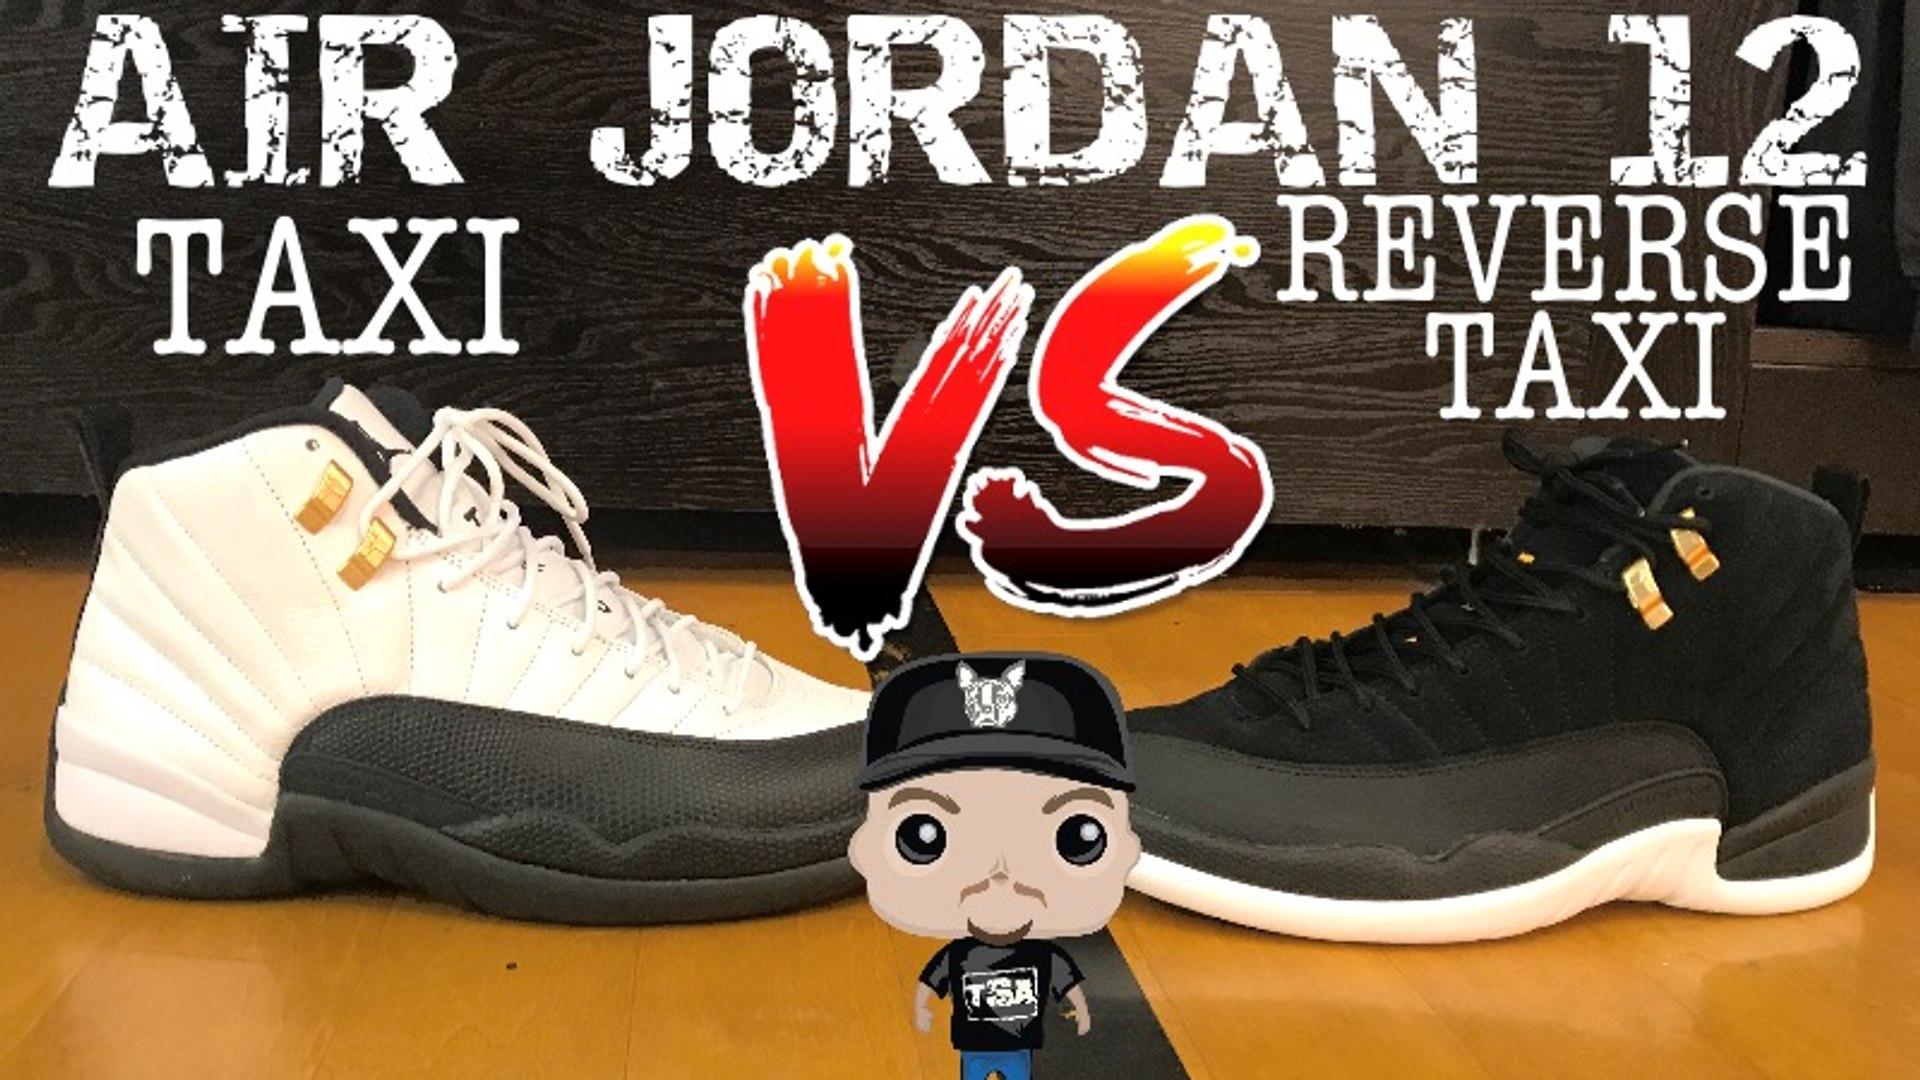 Air Jordan 12 Reverse Taxi Vs Og Retro Sneaker On Feet Review